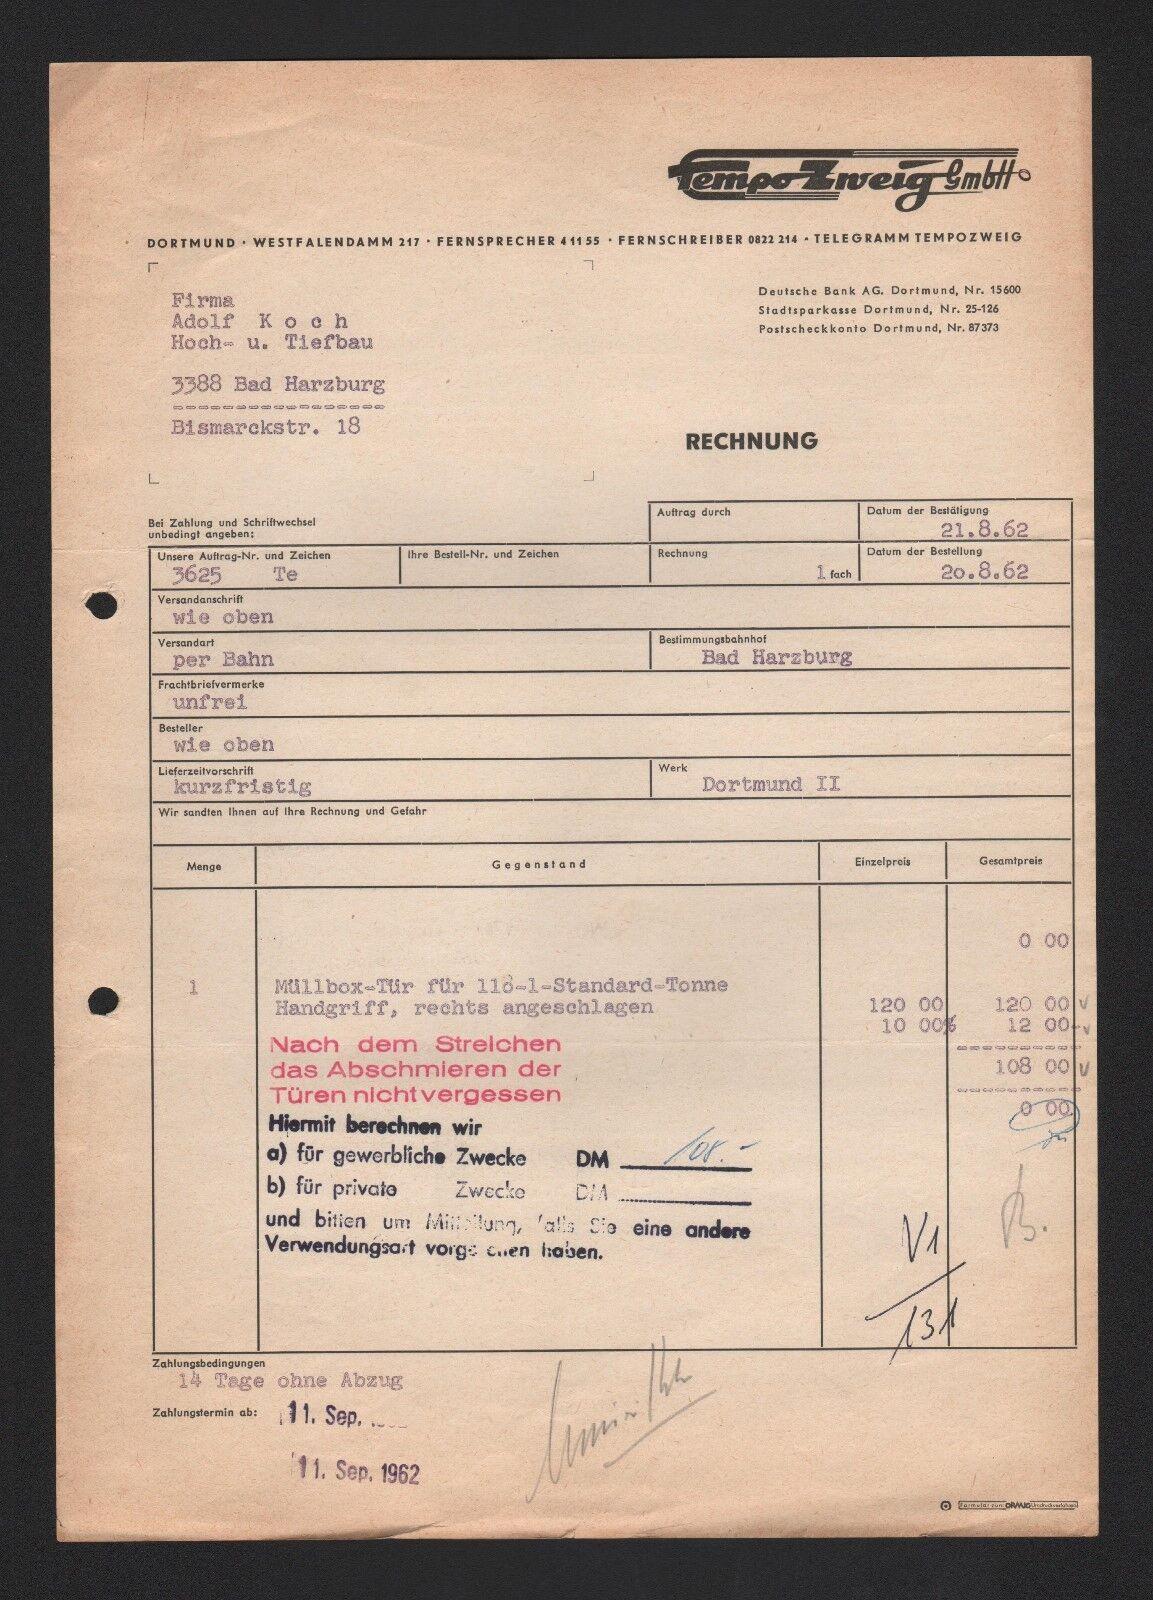 DORTMUND, Rechnung 1962, Tempo Zweig GmbH